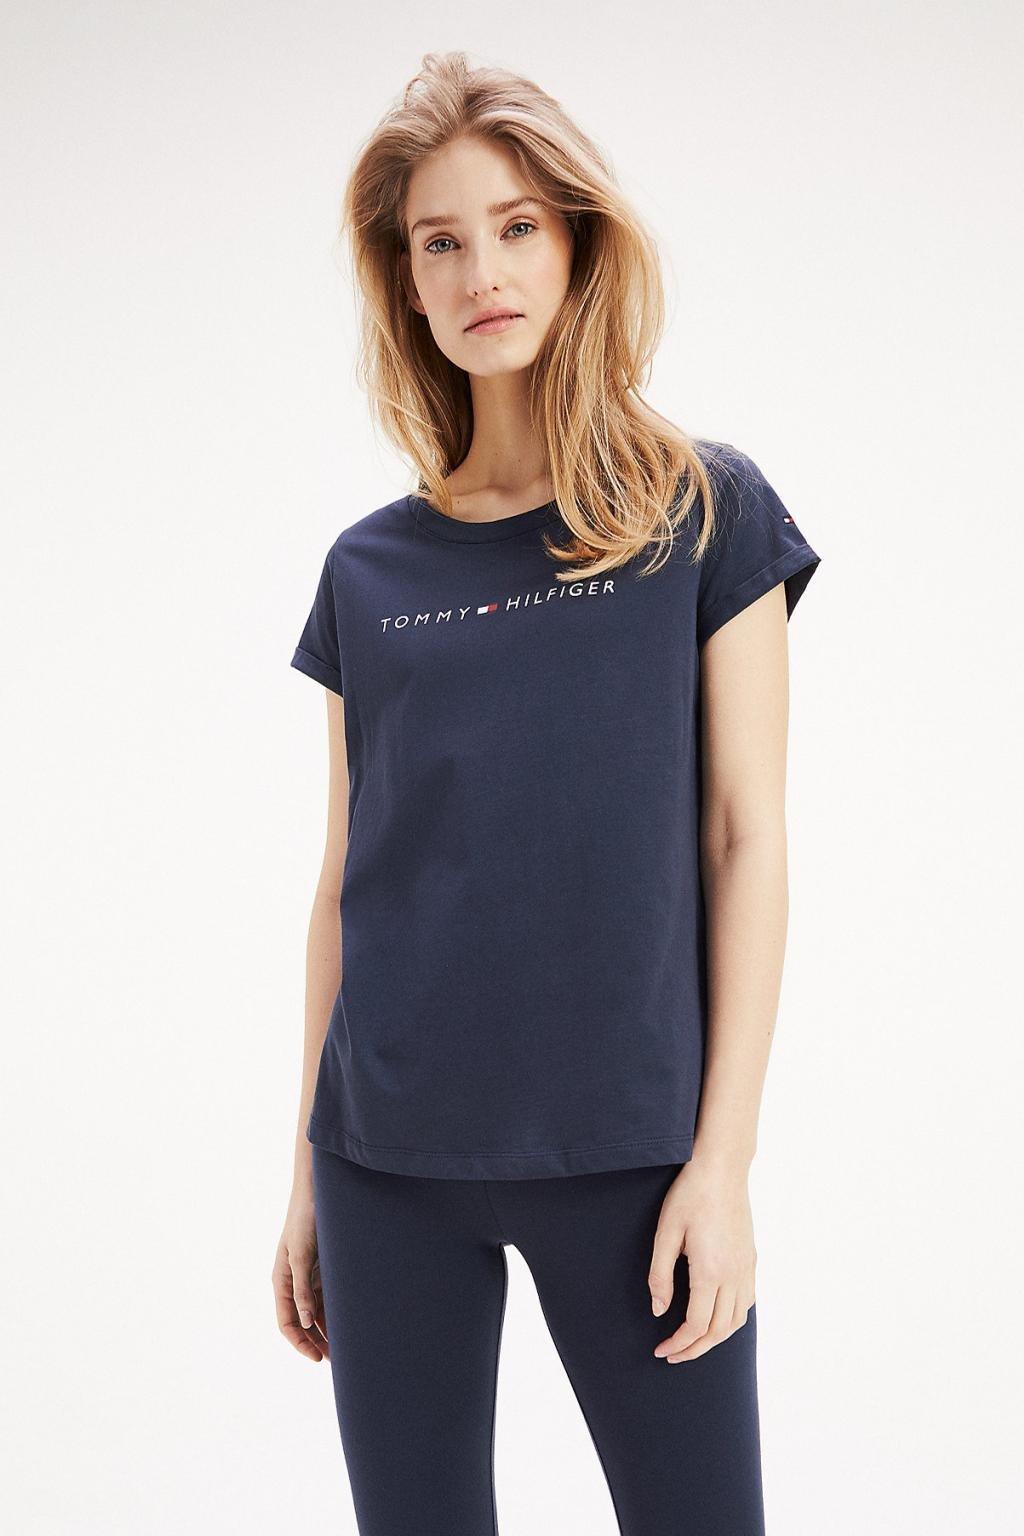 Tommy Original dámské tričko - tmavě modré